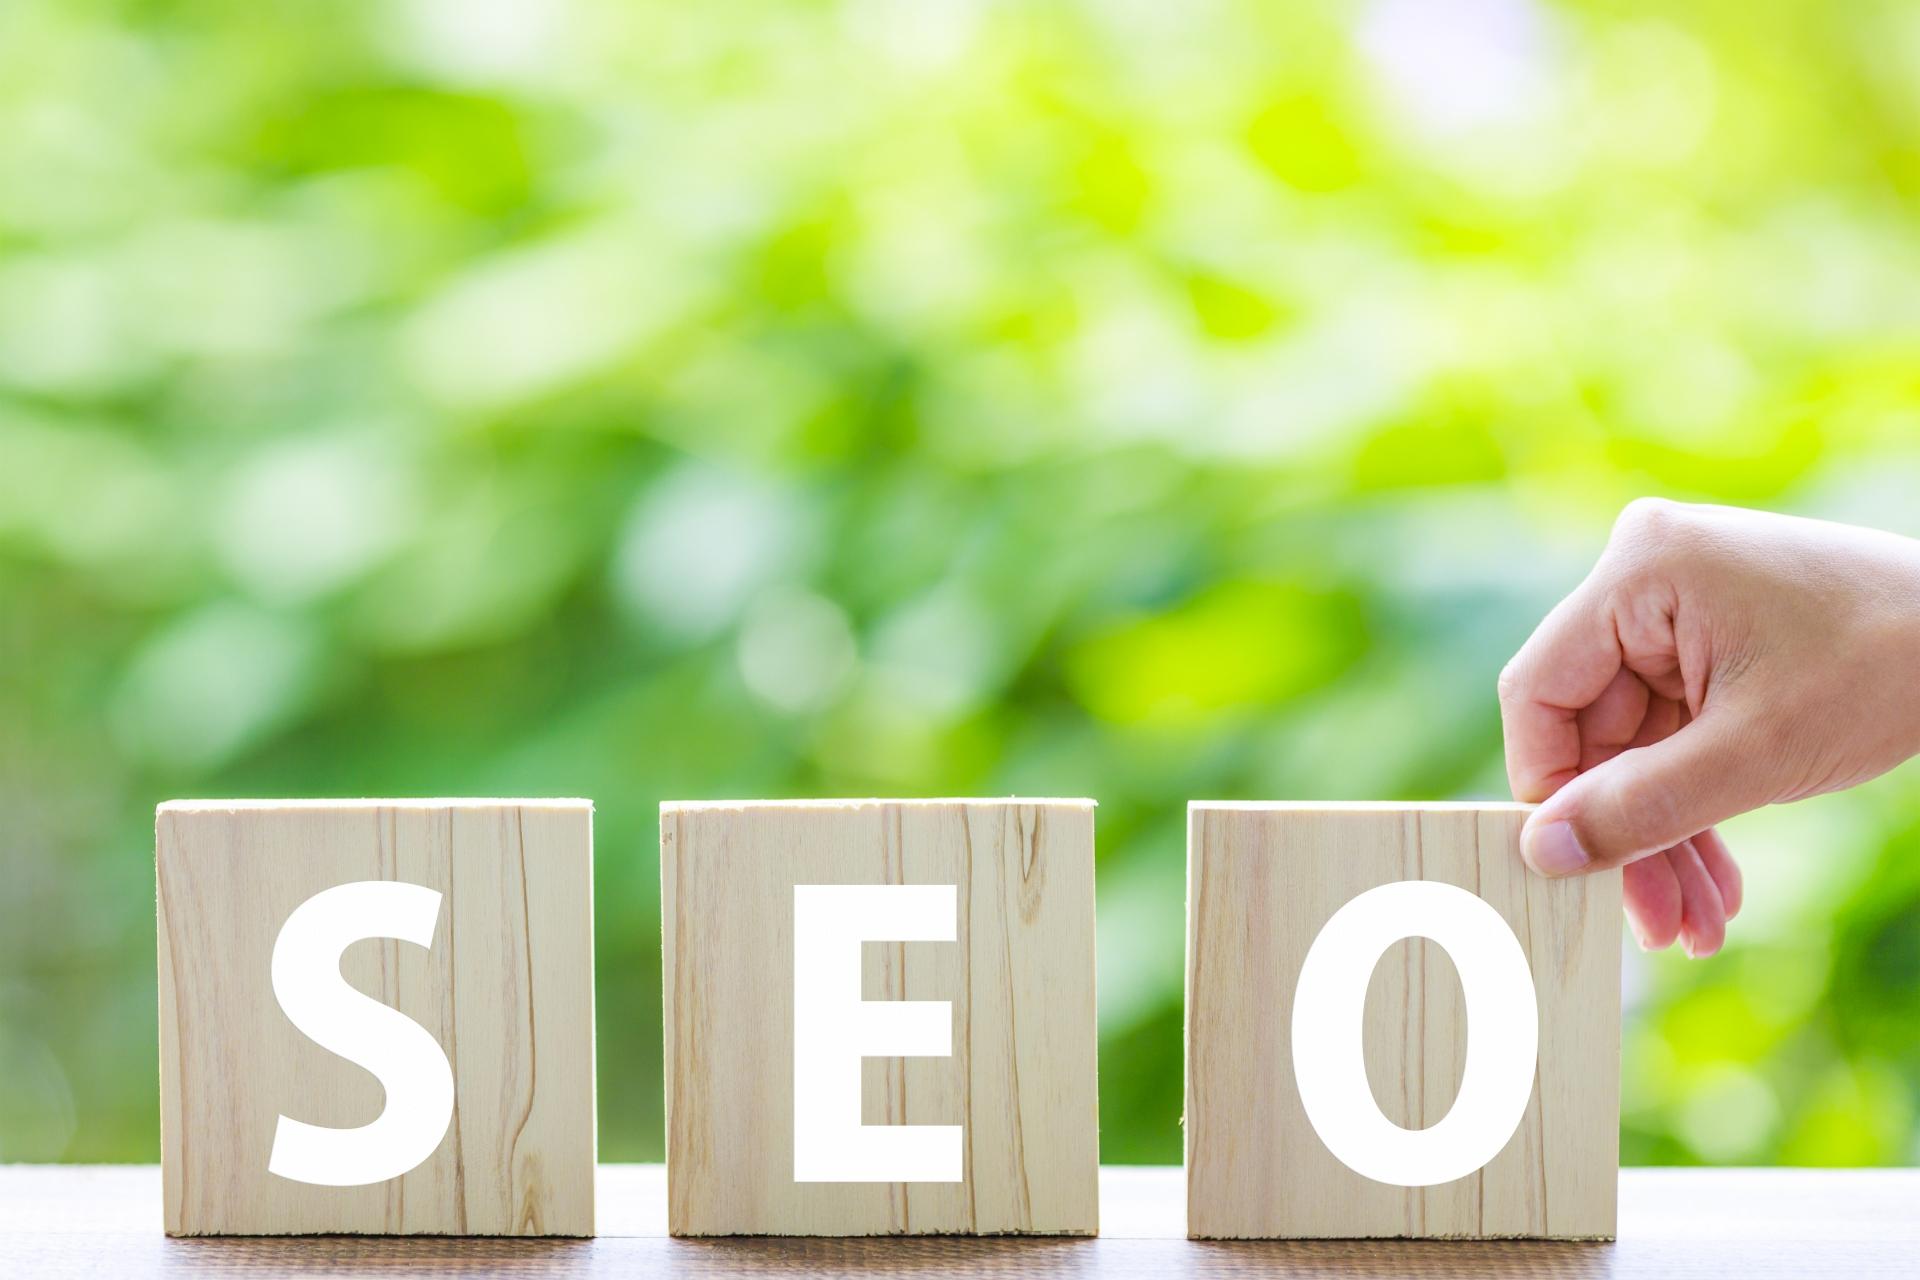 ホームページ制作でSEO対策が必須な理由を詳しく解説